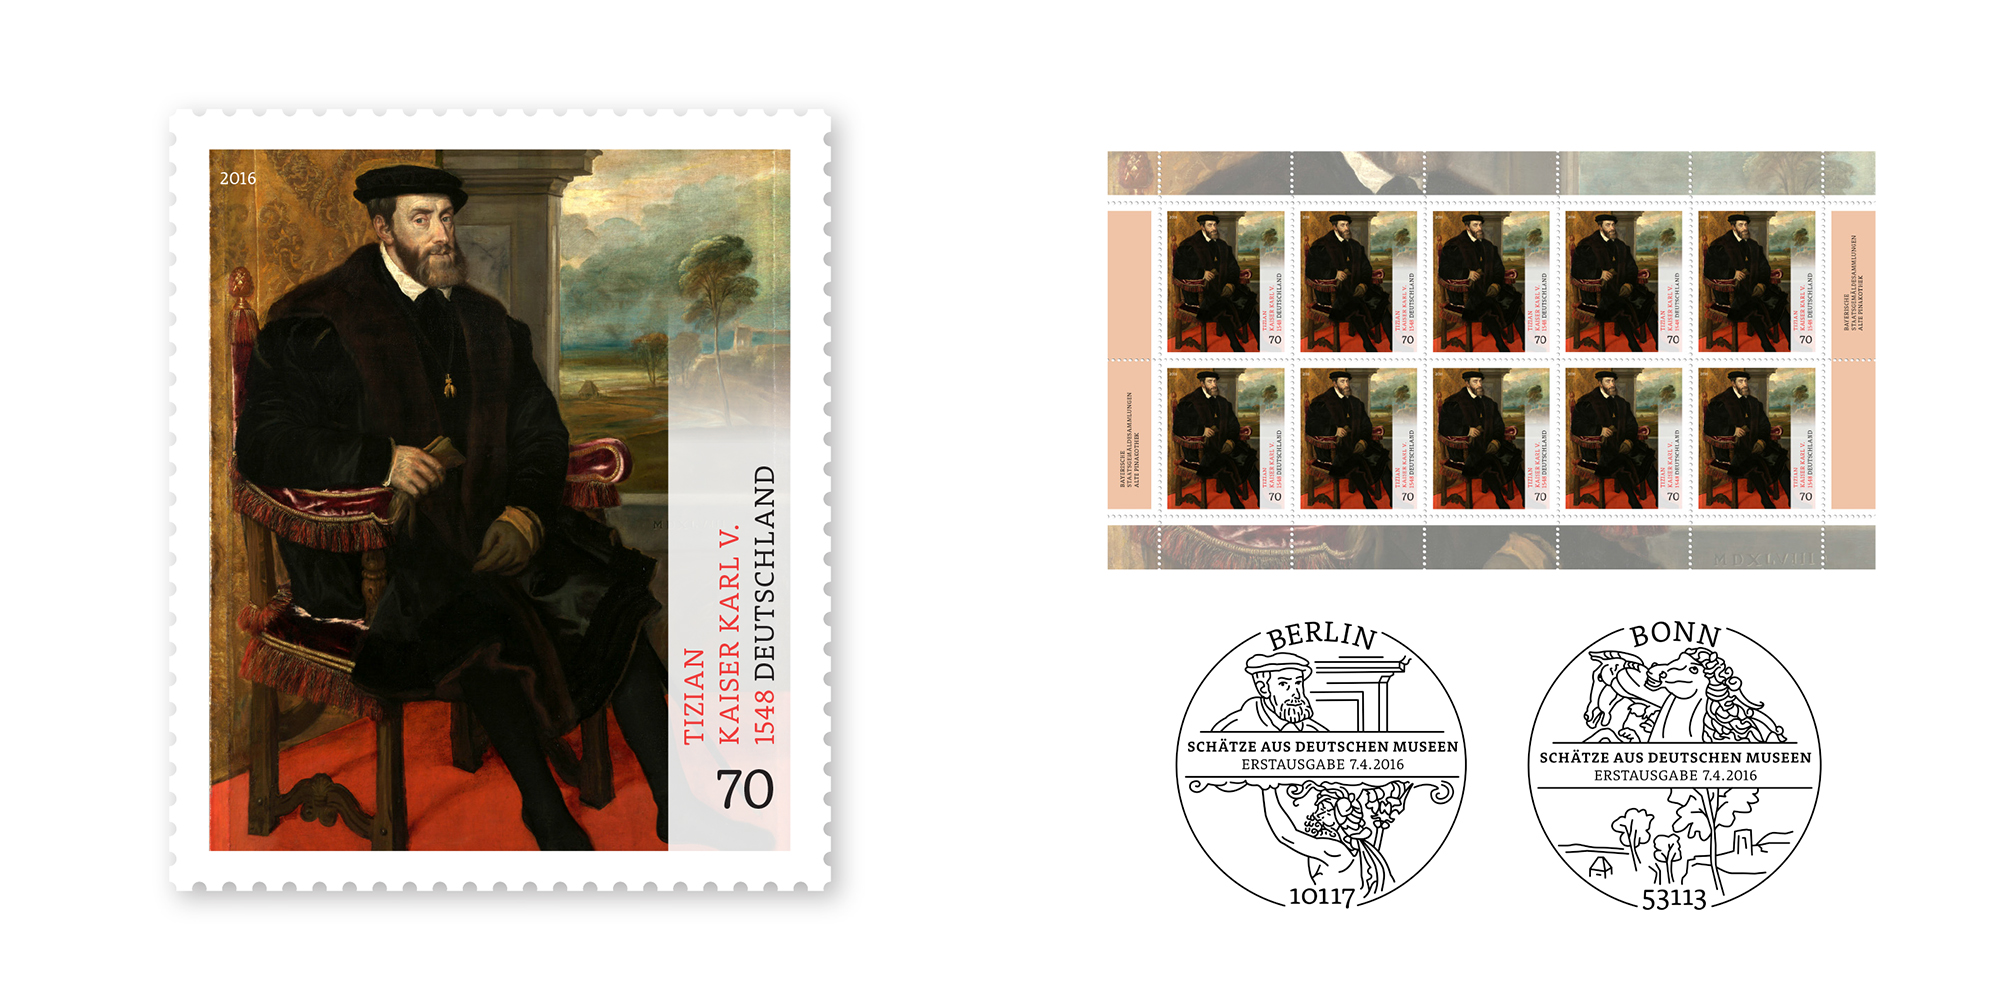 Sonderpostwertzeichen-Serie Schätze aus deutschen Museen: Kaiser Karl V.